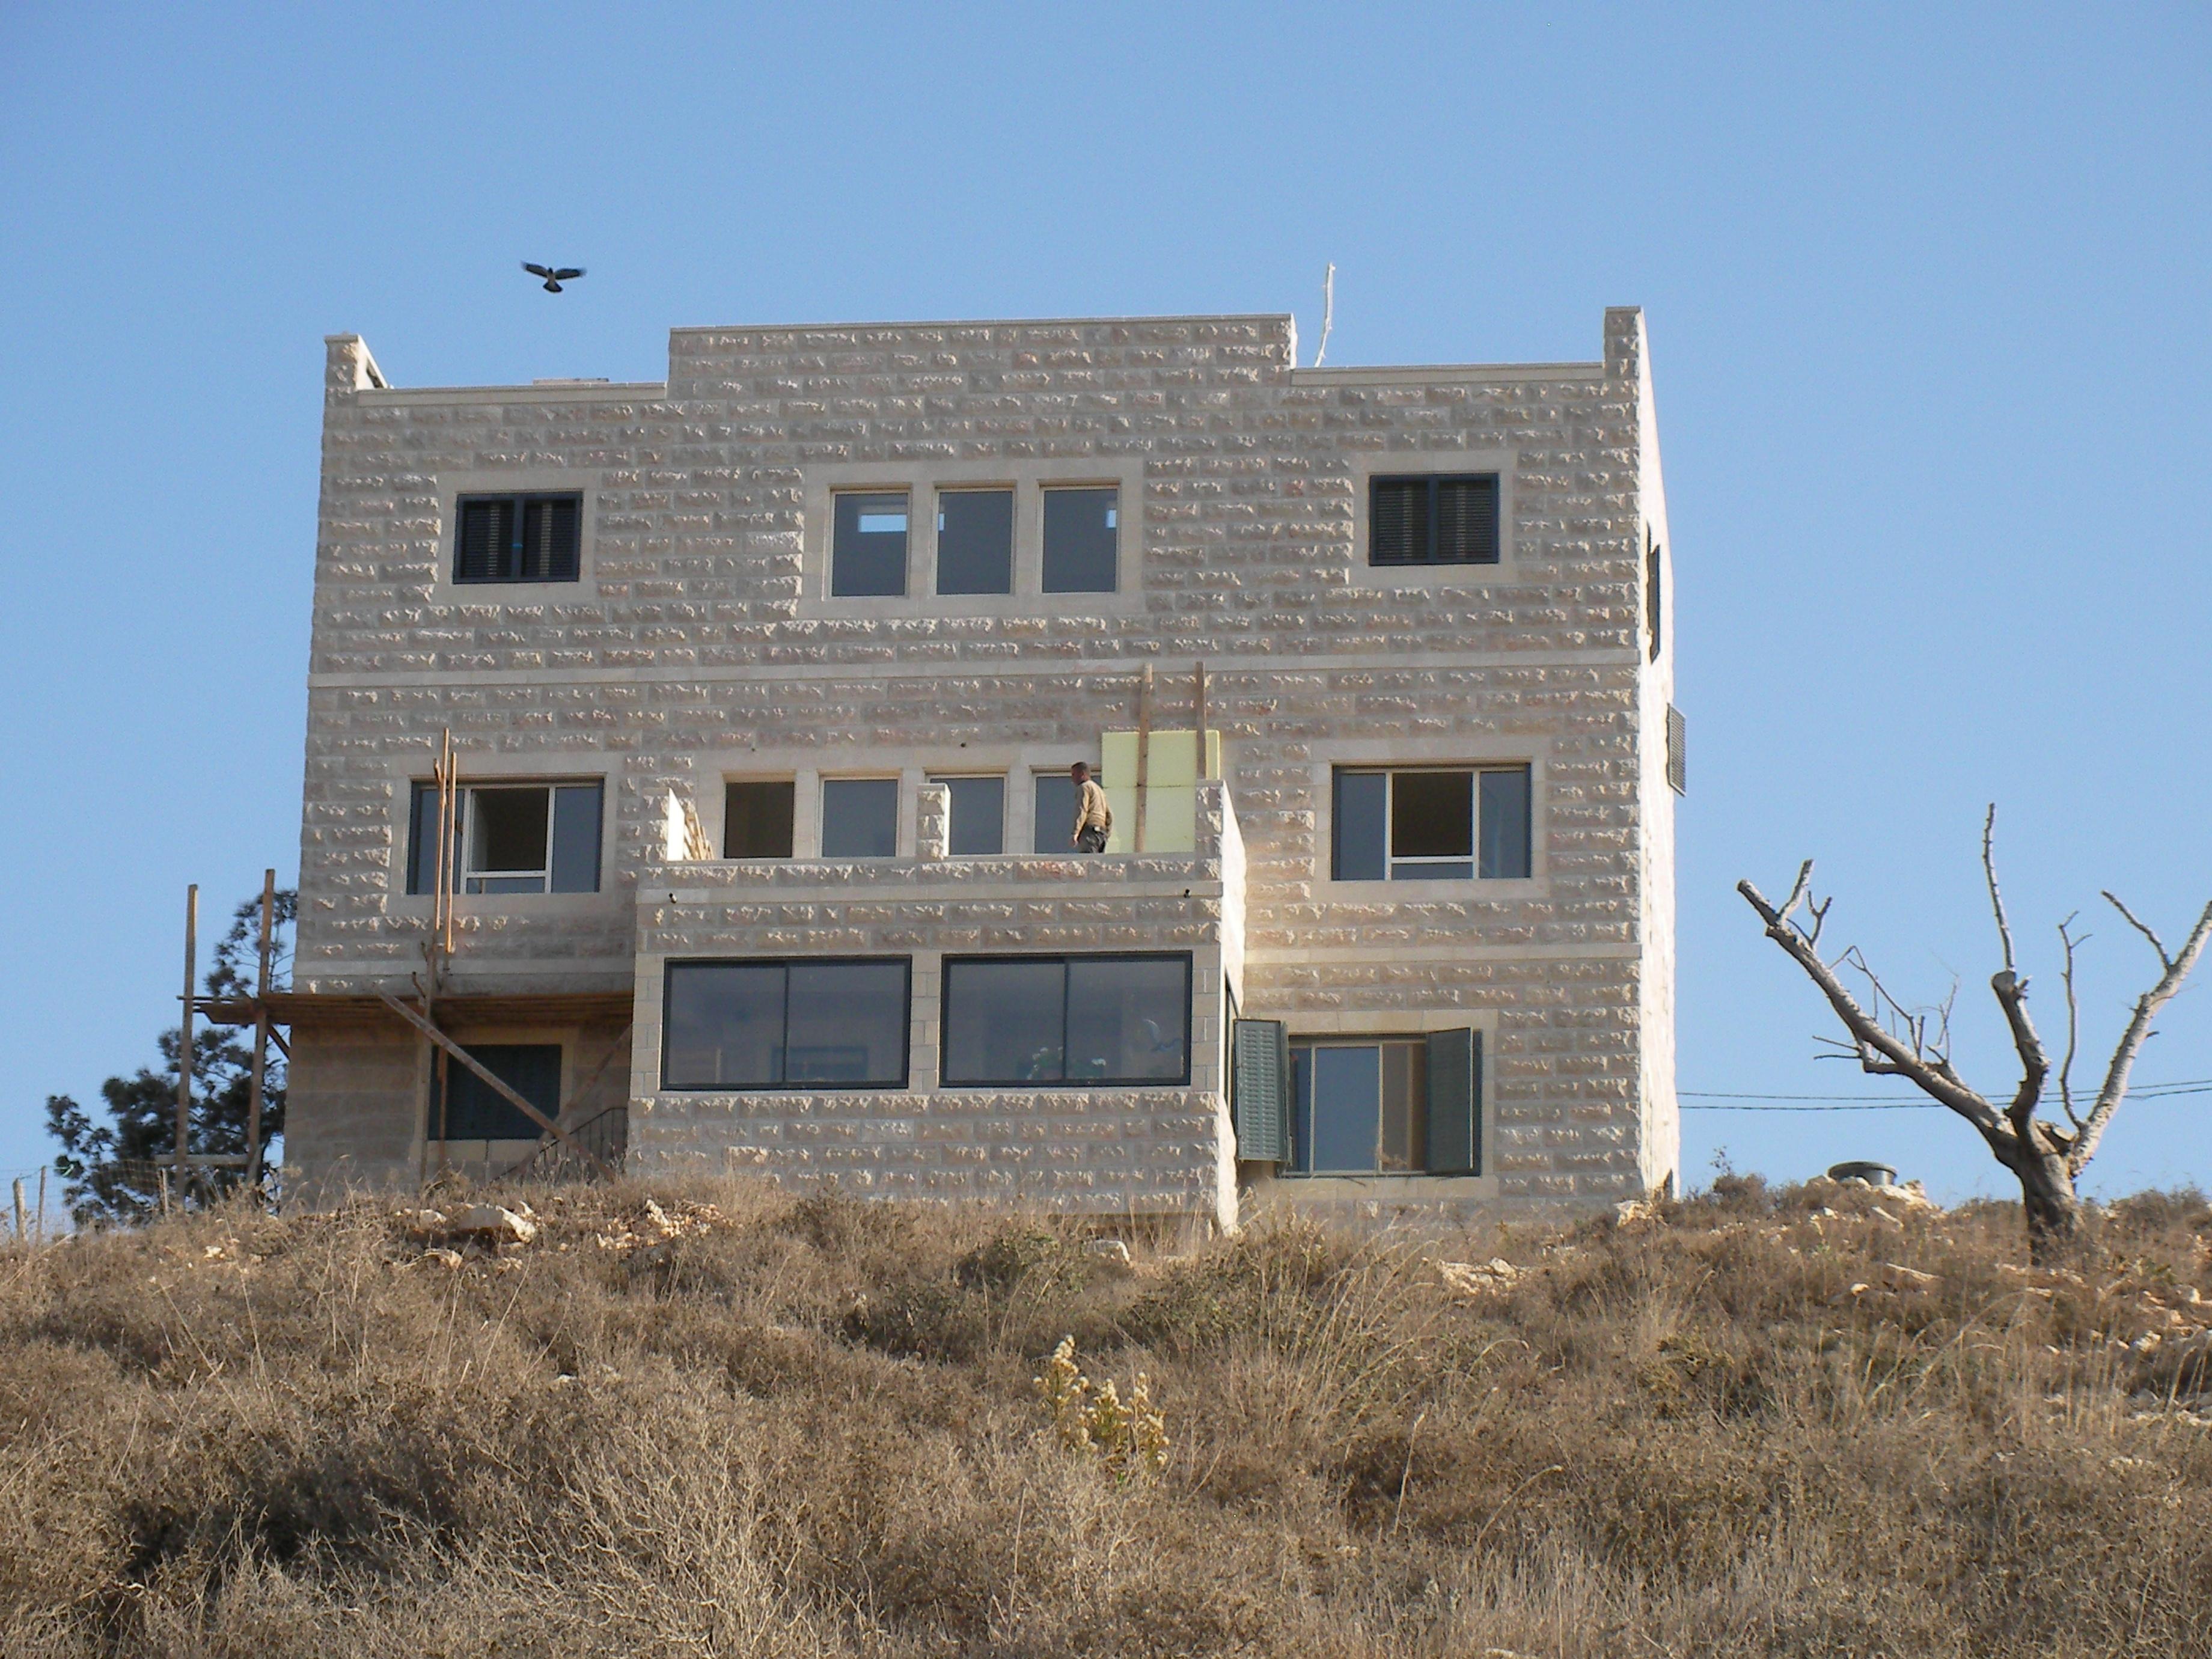 מבנה קבע במאחז הלא חוקי דרך האבות, אזור בית לחם